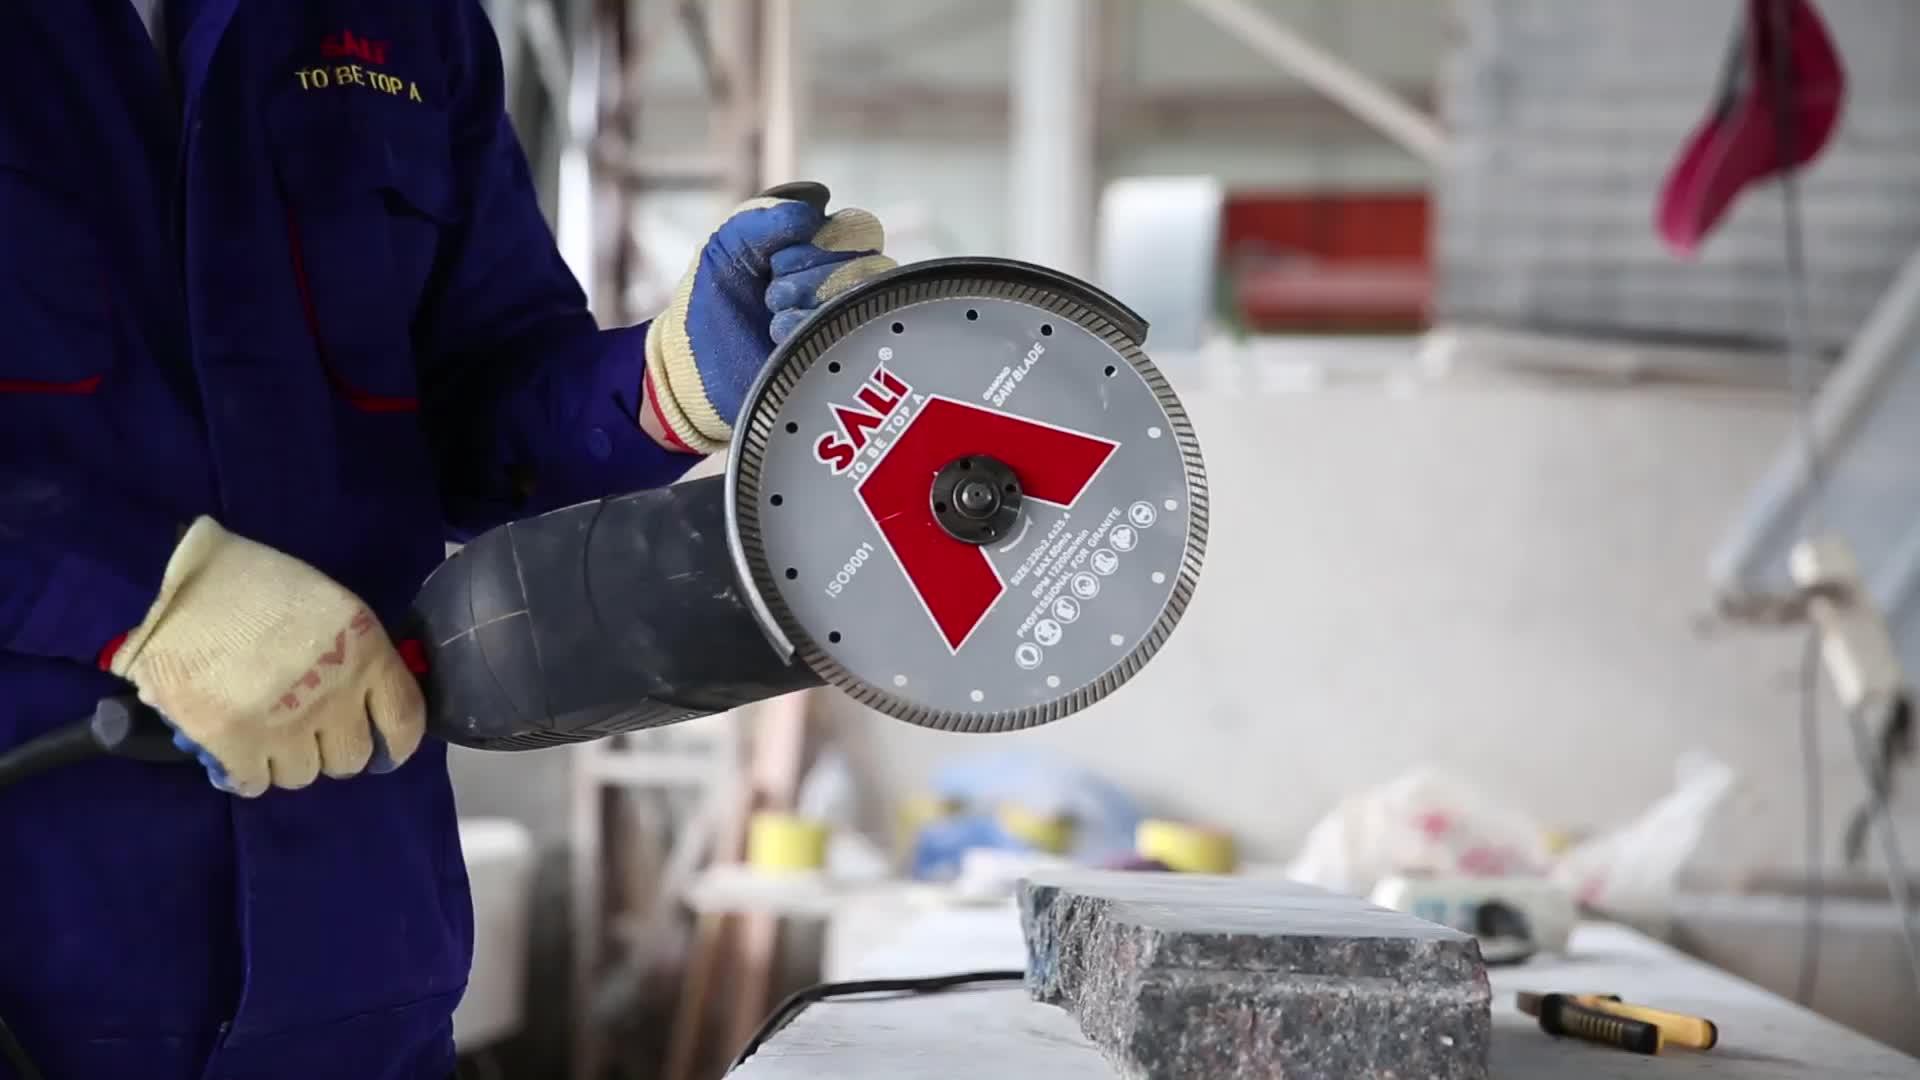 14 inç 350*3.2*22.2mm Soğuk Pres kuru kesme elması kesme diski beton için